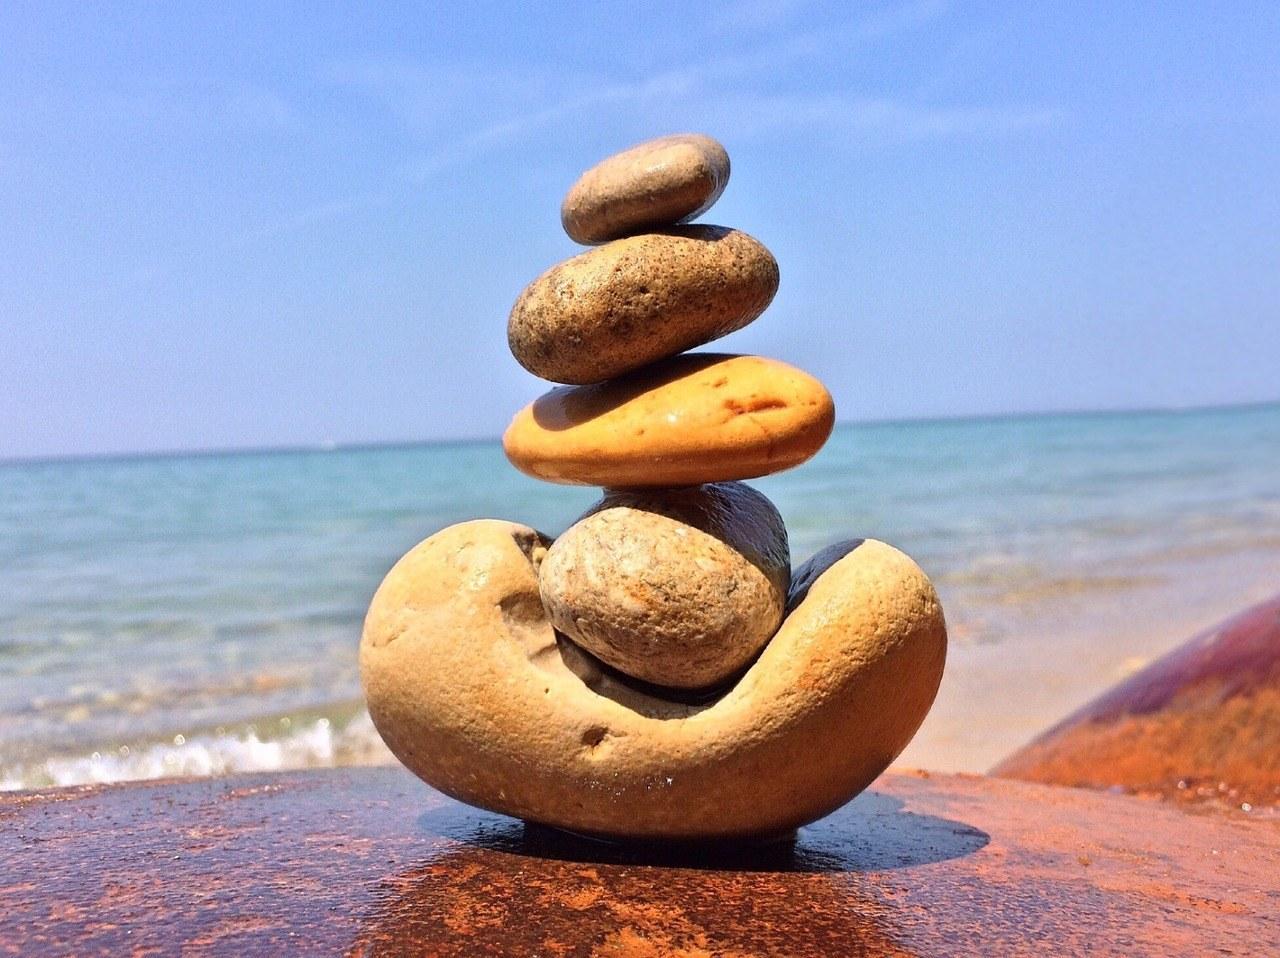 stones-842730_1280.jpg